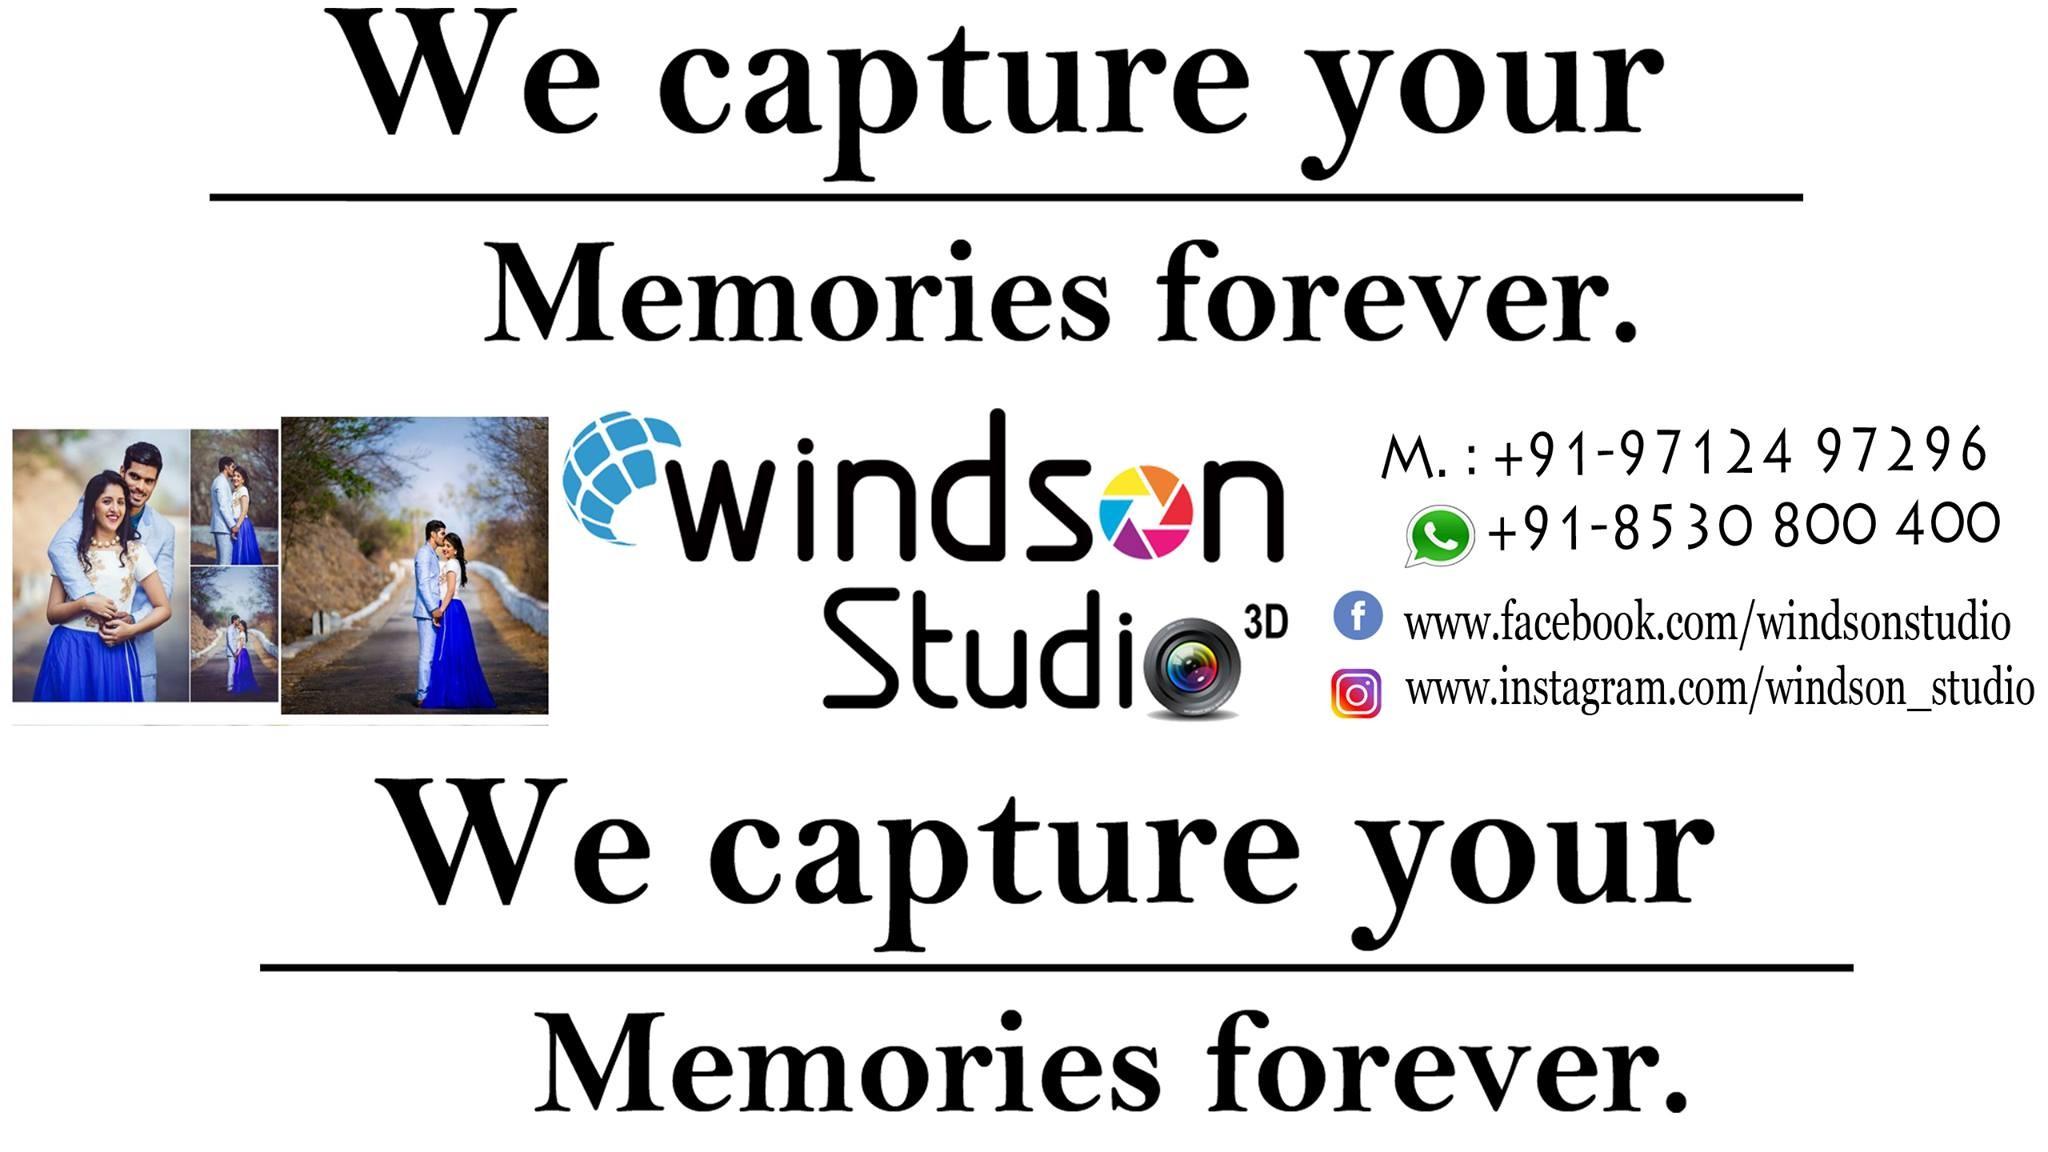 Windson Studio